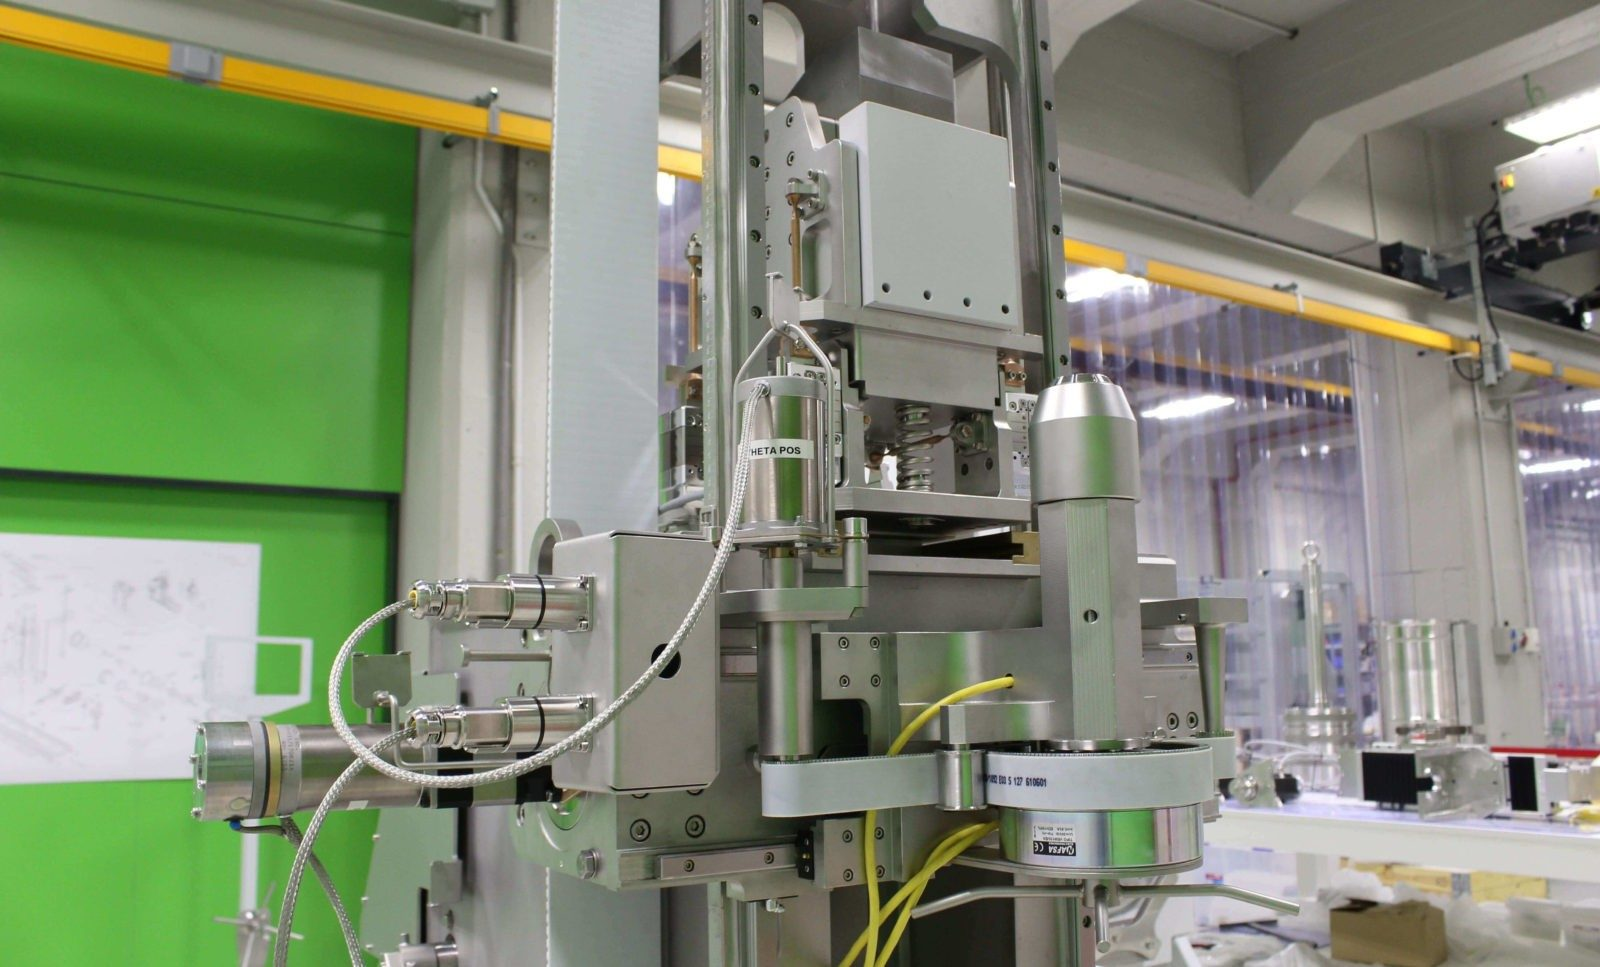 JHR_reactor_Hot_Cells_VTT-Cadarache_France_IDOM_ADA (4)